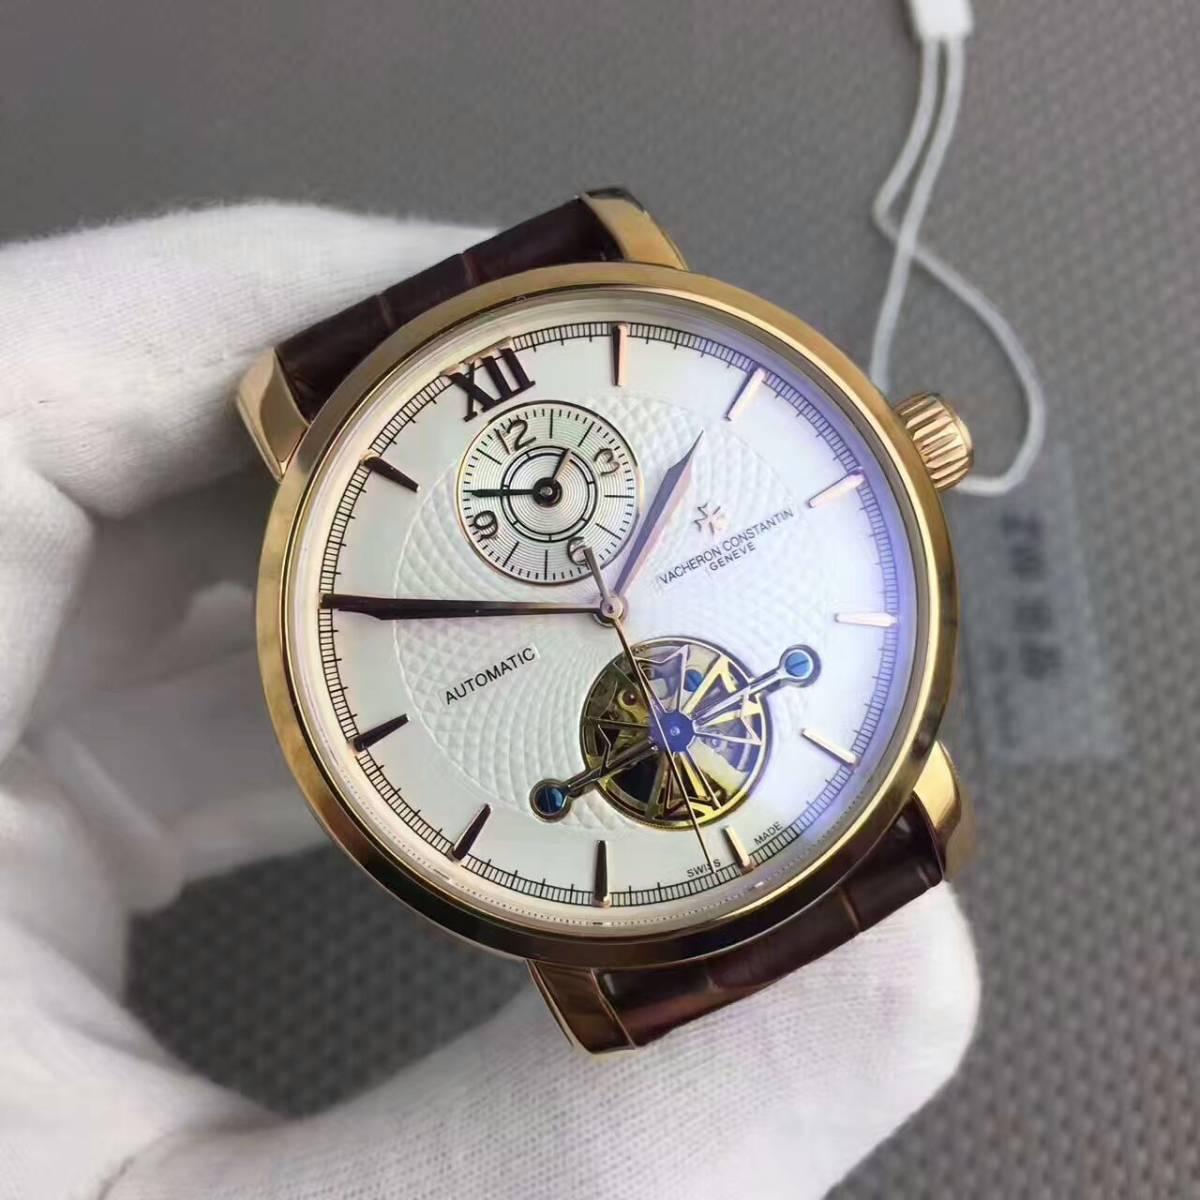 新品 ヴァシュロンコンスタンタン 高級感 男性用 腕時計 自動巻き_画像2